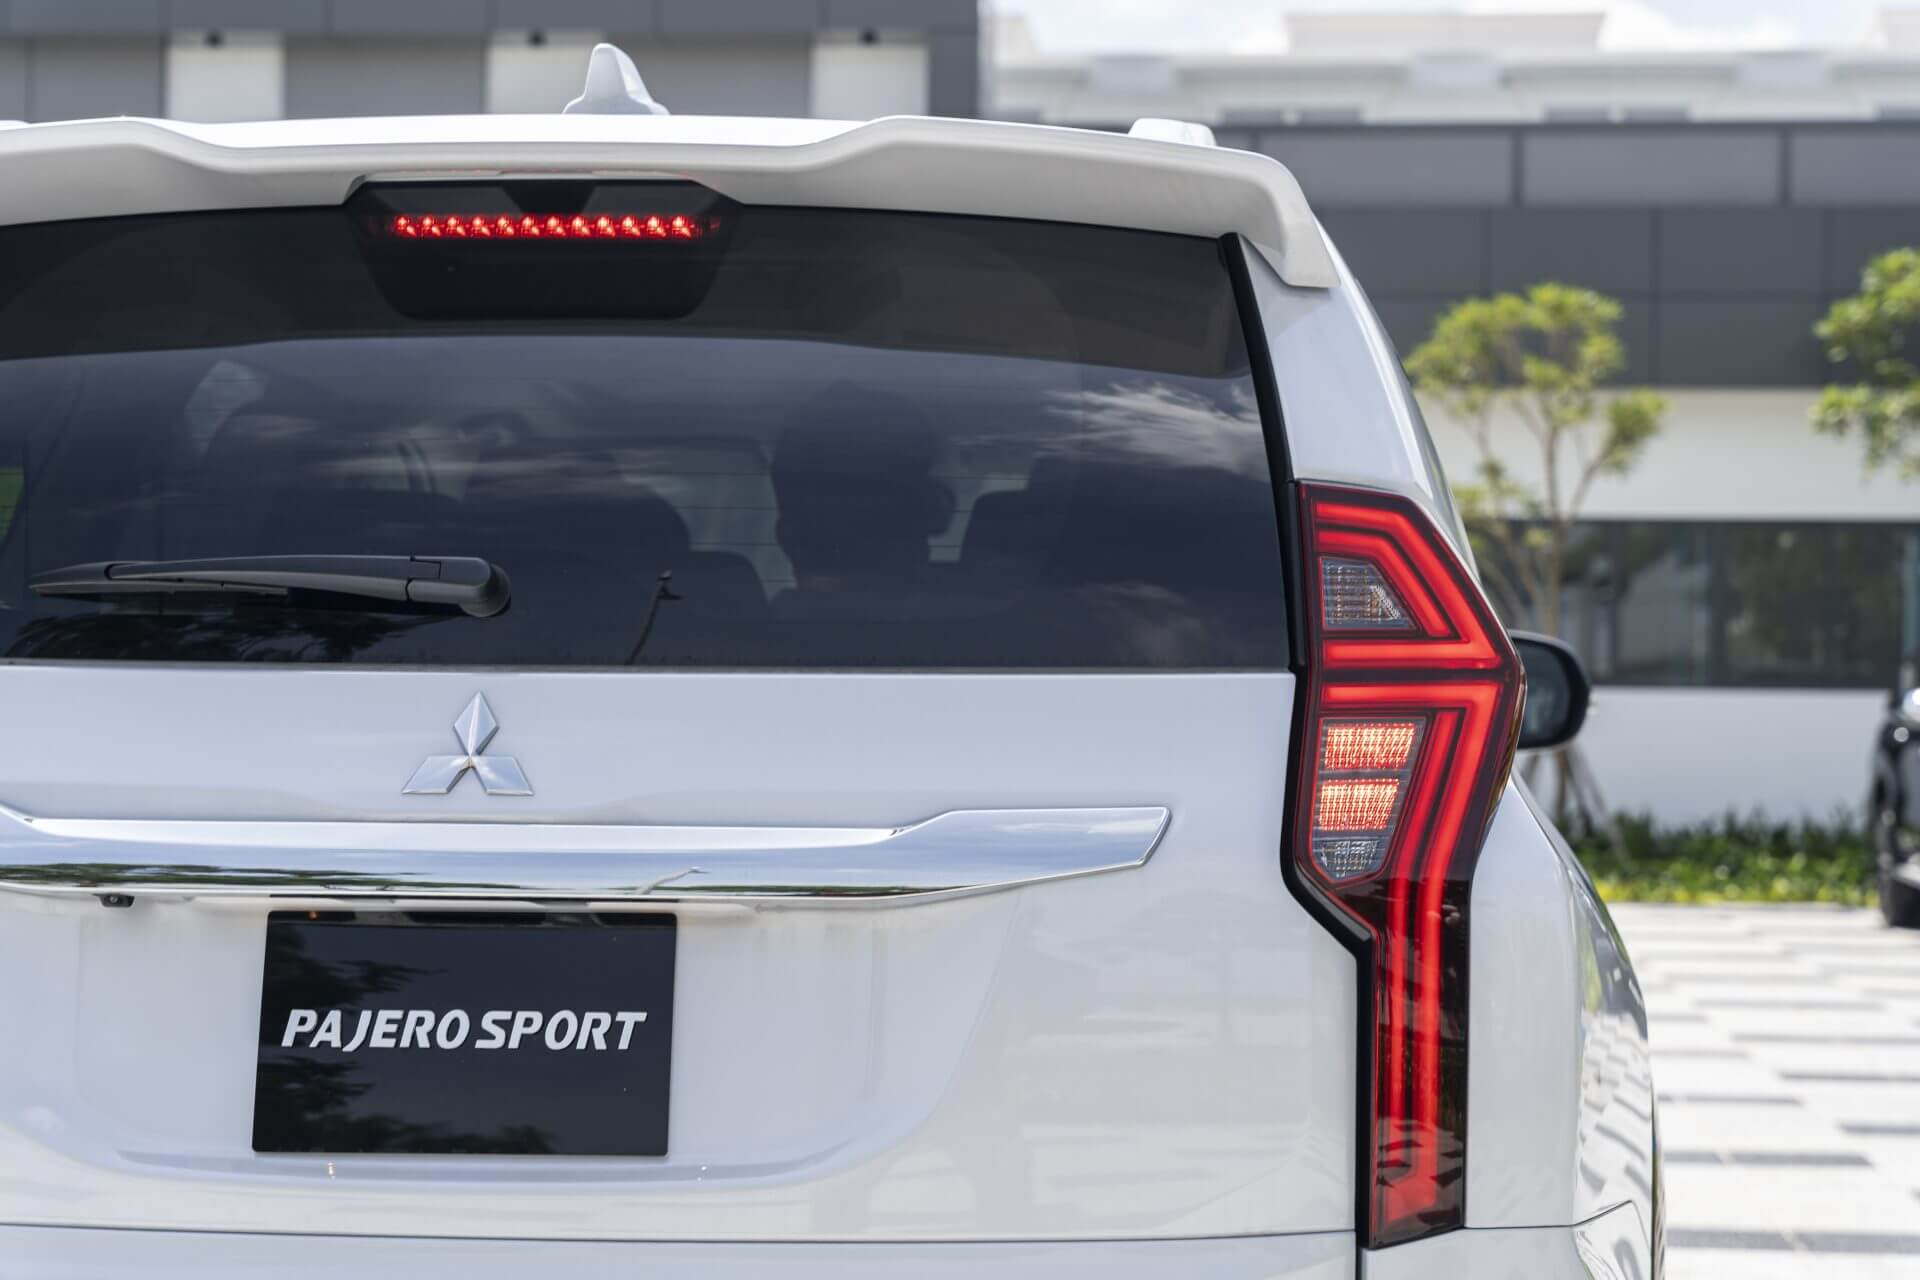 Mitsubishi pajero sport 2020 mới vận hành mạnh mẽ an toàn cao cấp tiện ích thông minh - 5